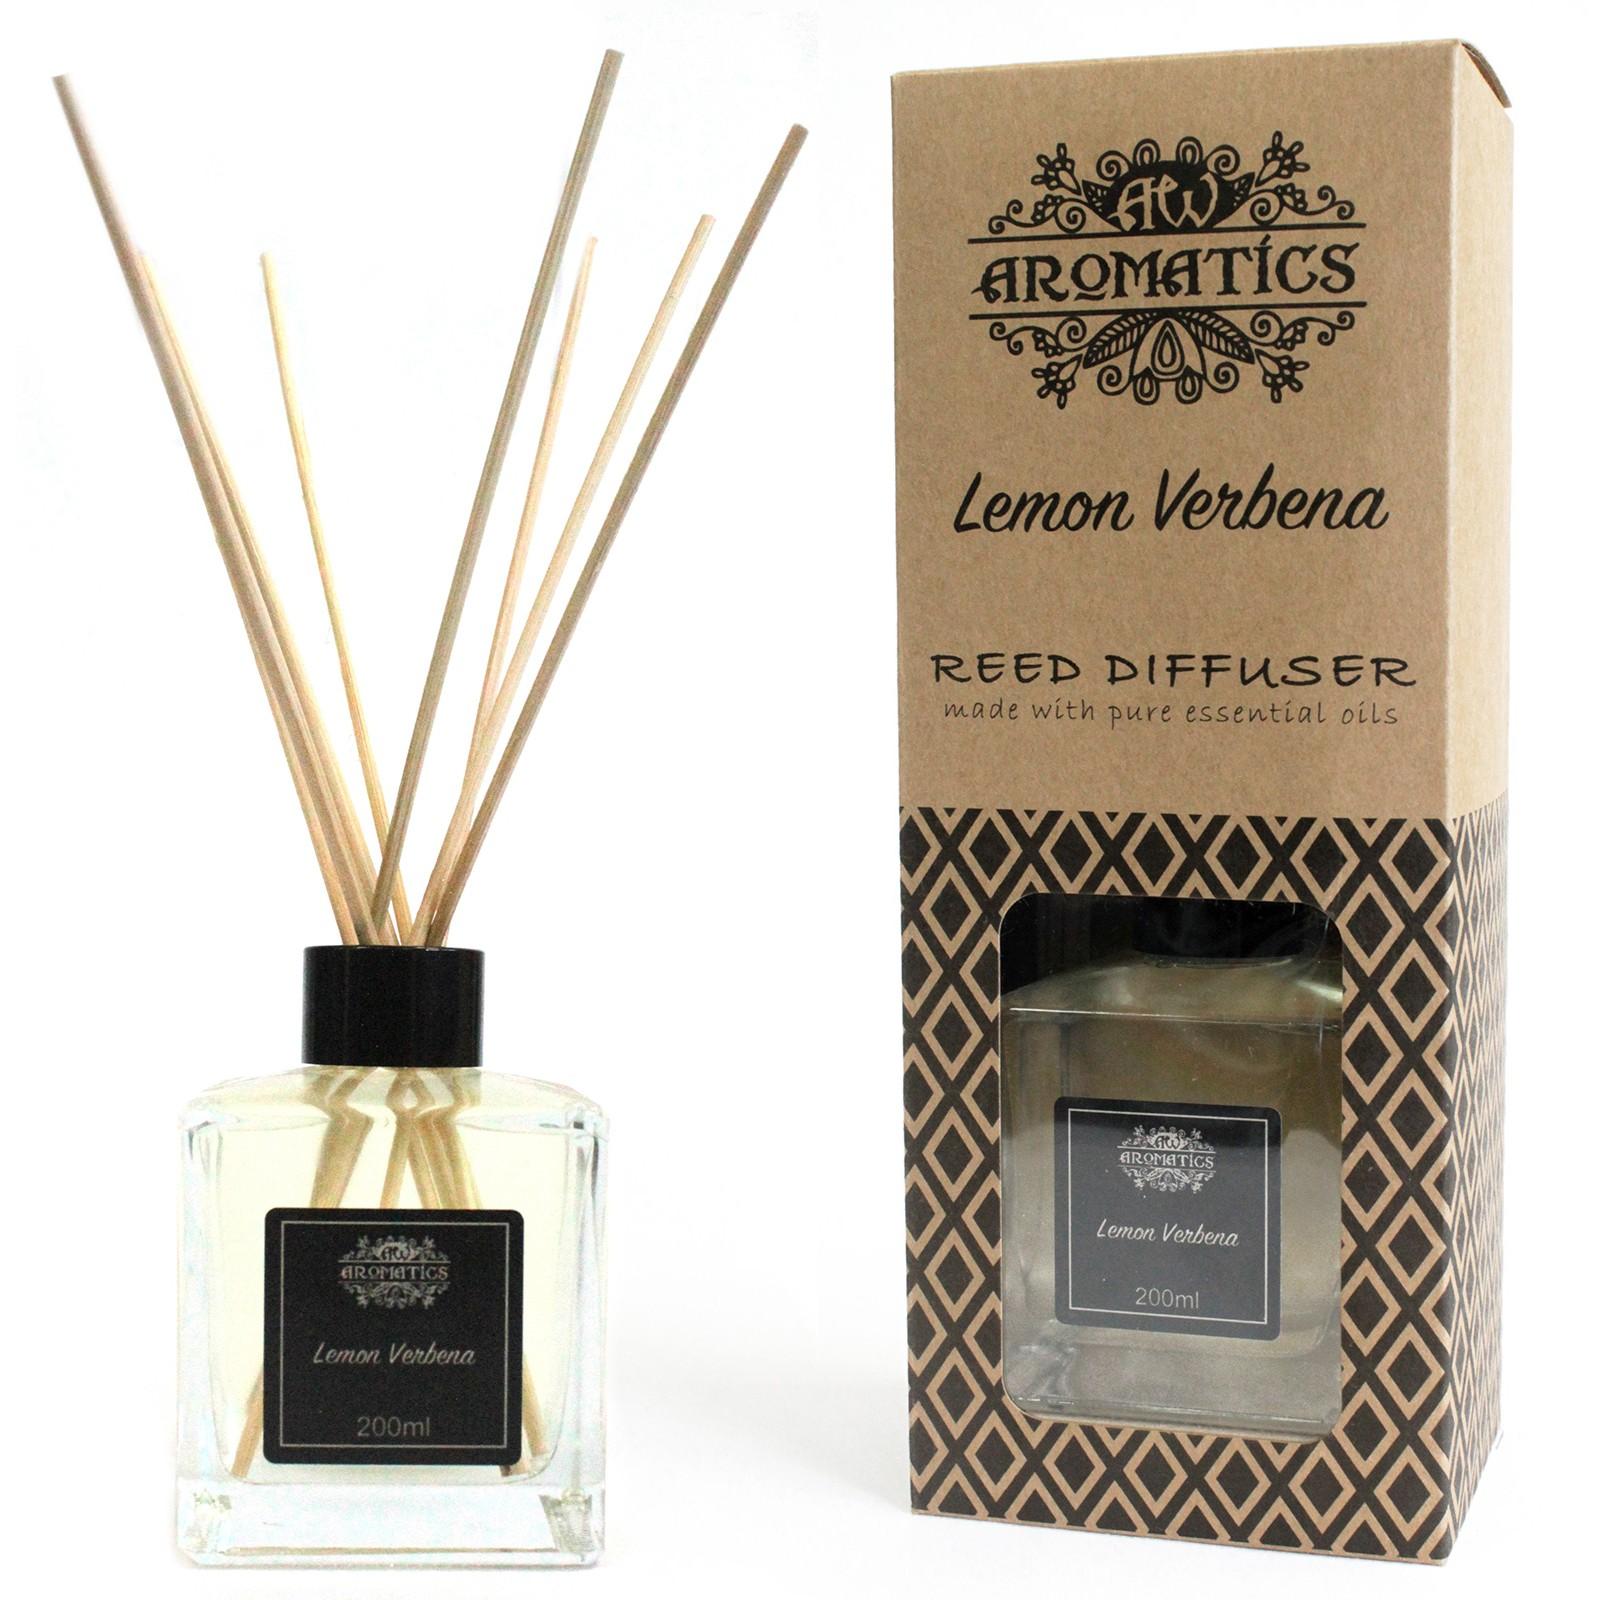 200ml Lemon Verbena Essential Oil Reed Diffuser